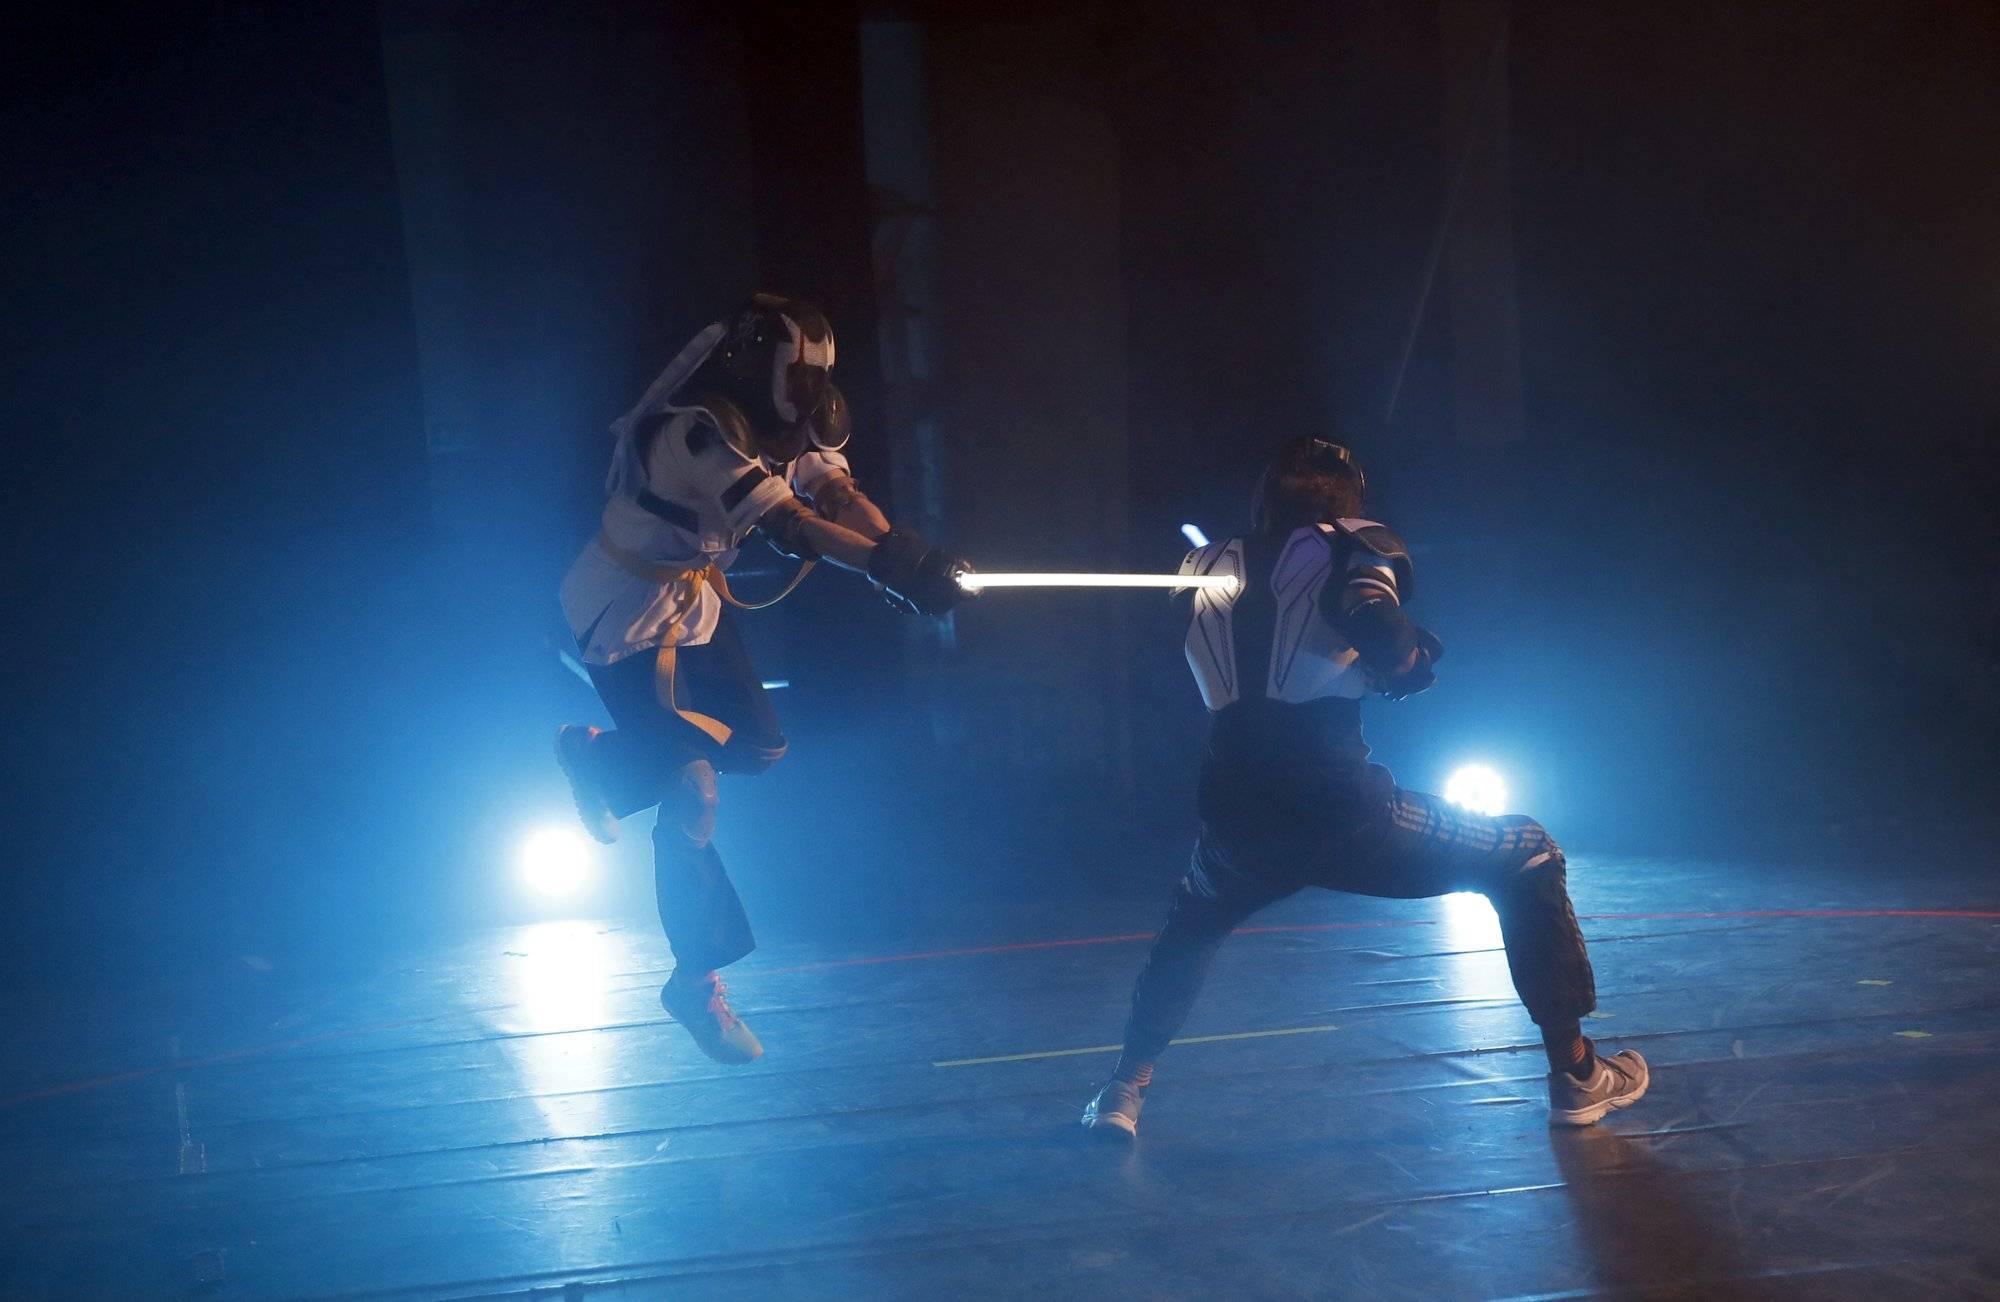 Дуэли на световых мечах во Франции получили поддержку федерации фехтования